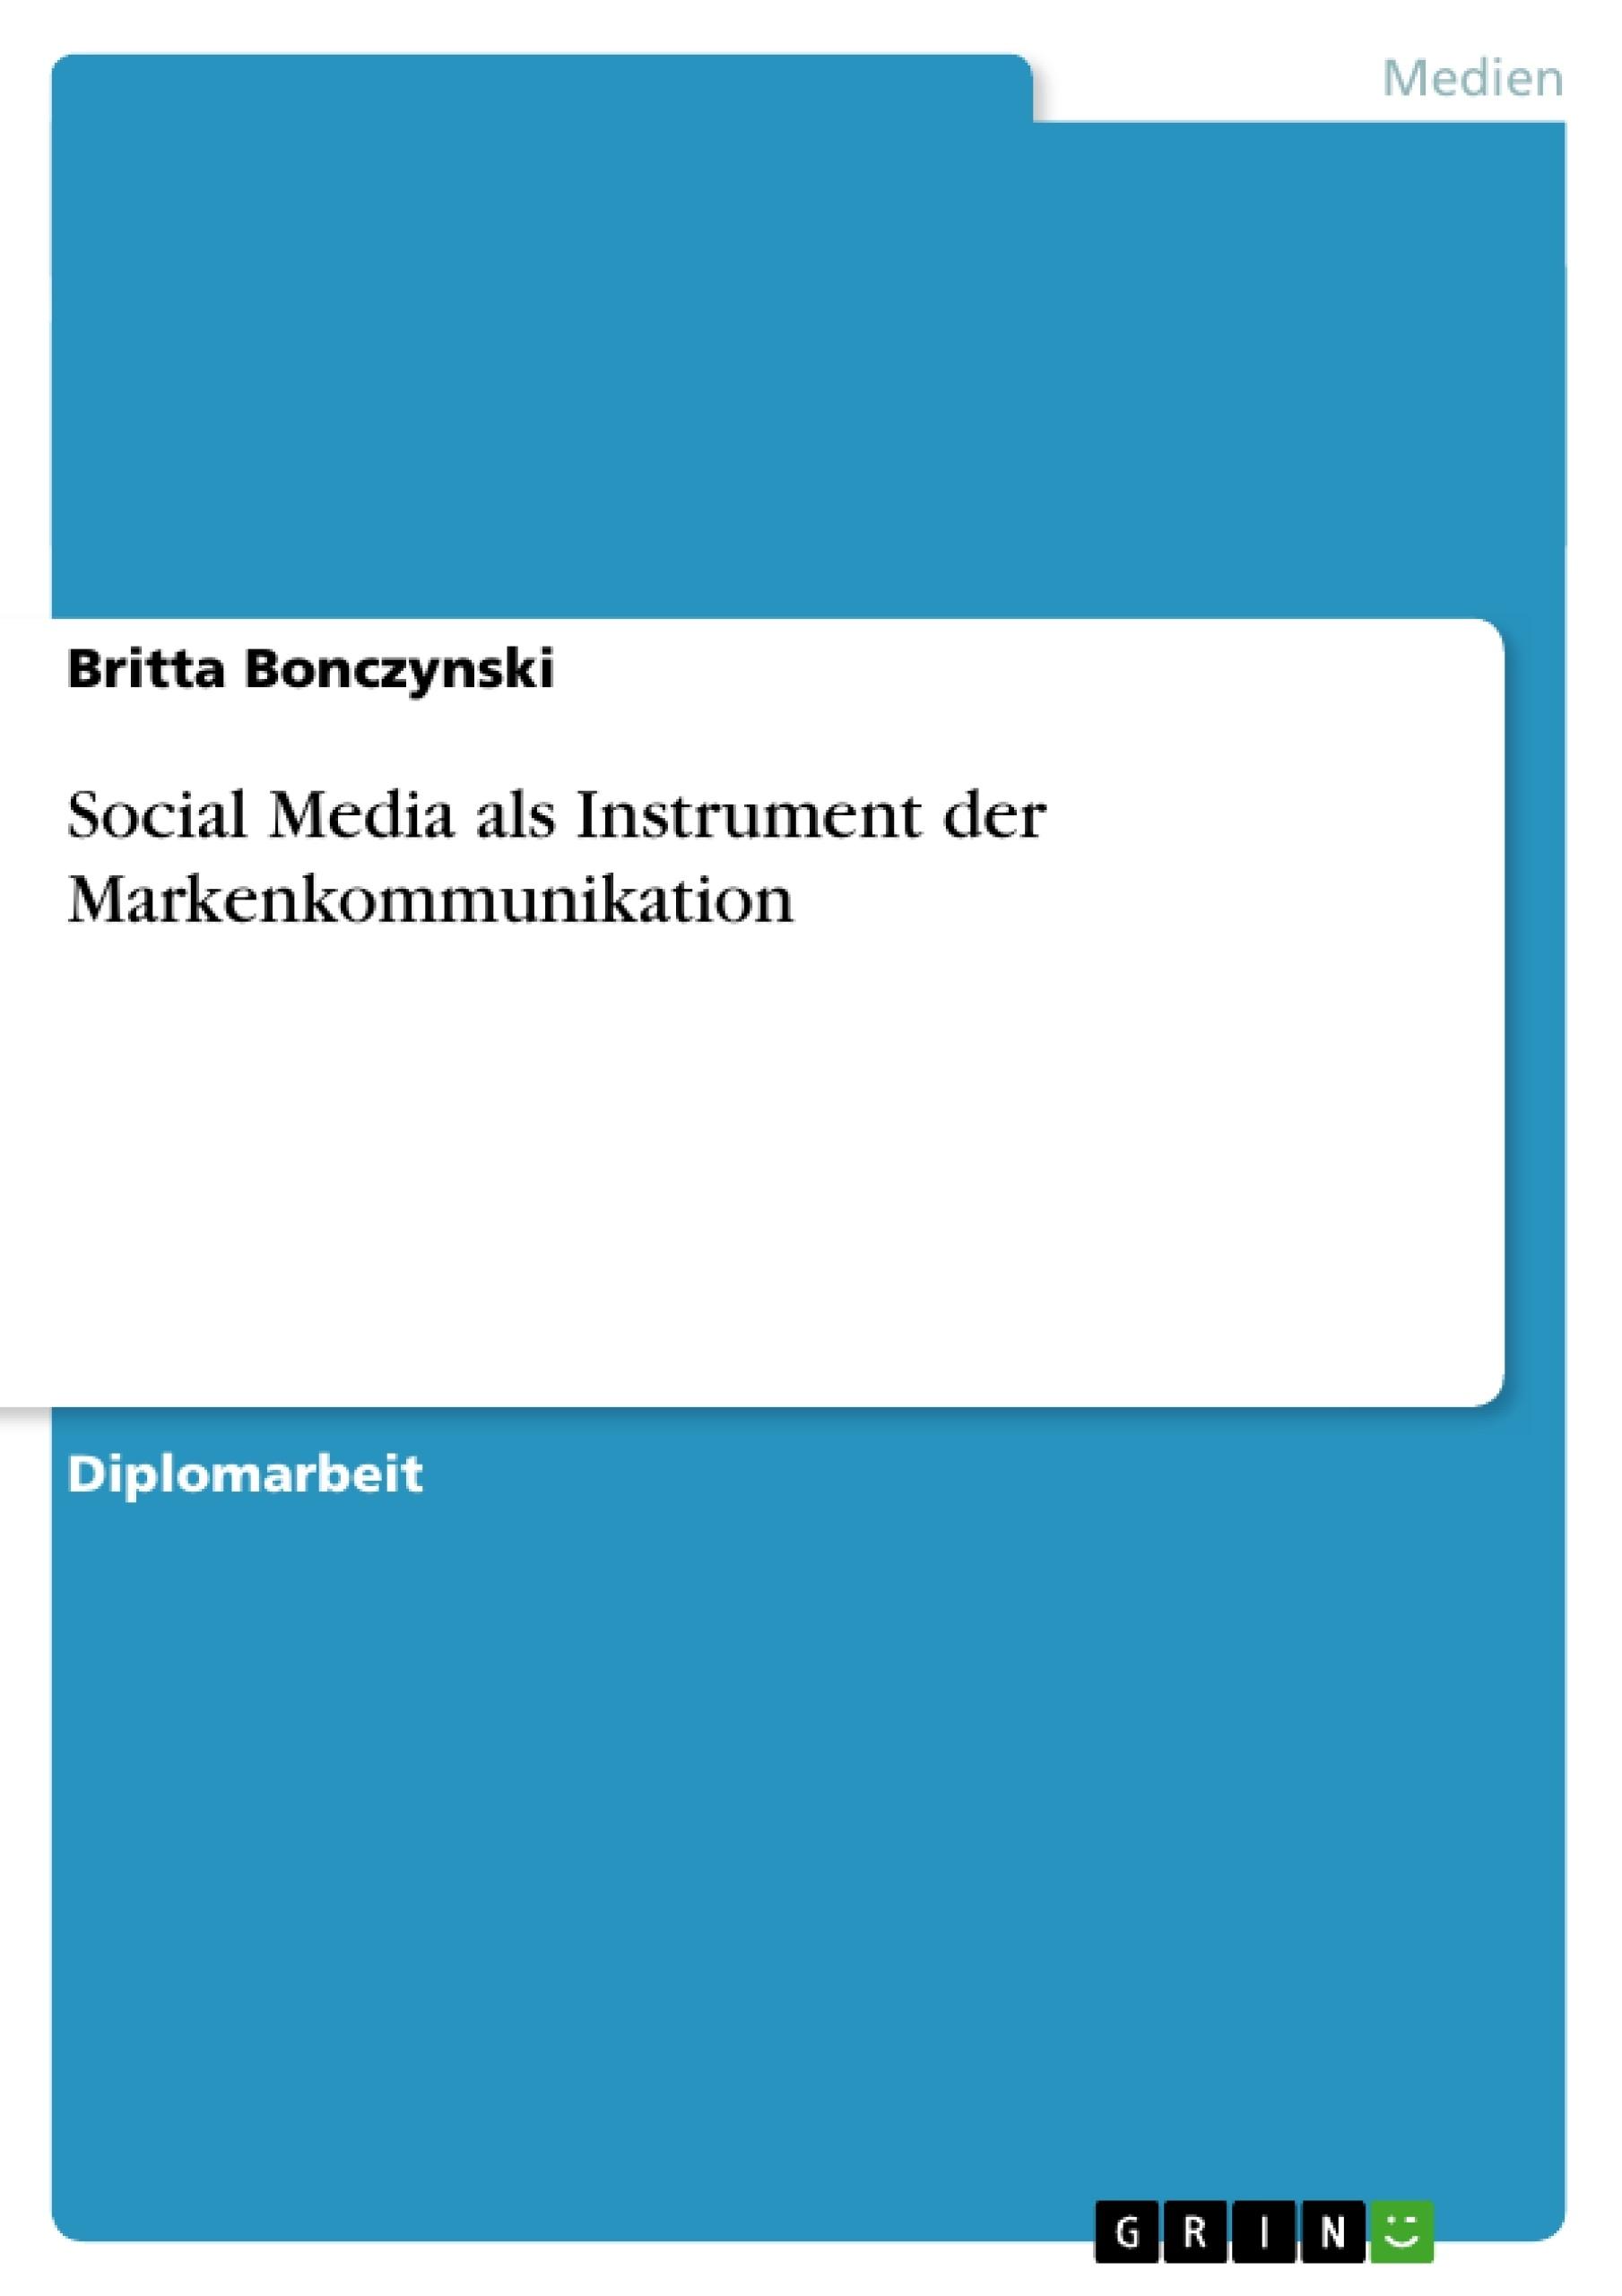 Titel: Social Media als Instrument der Markenkommunikation